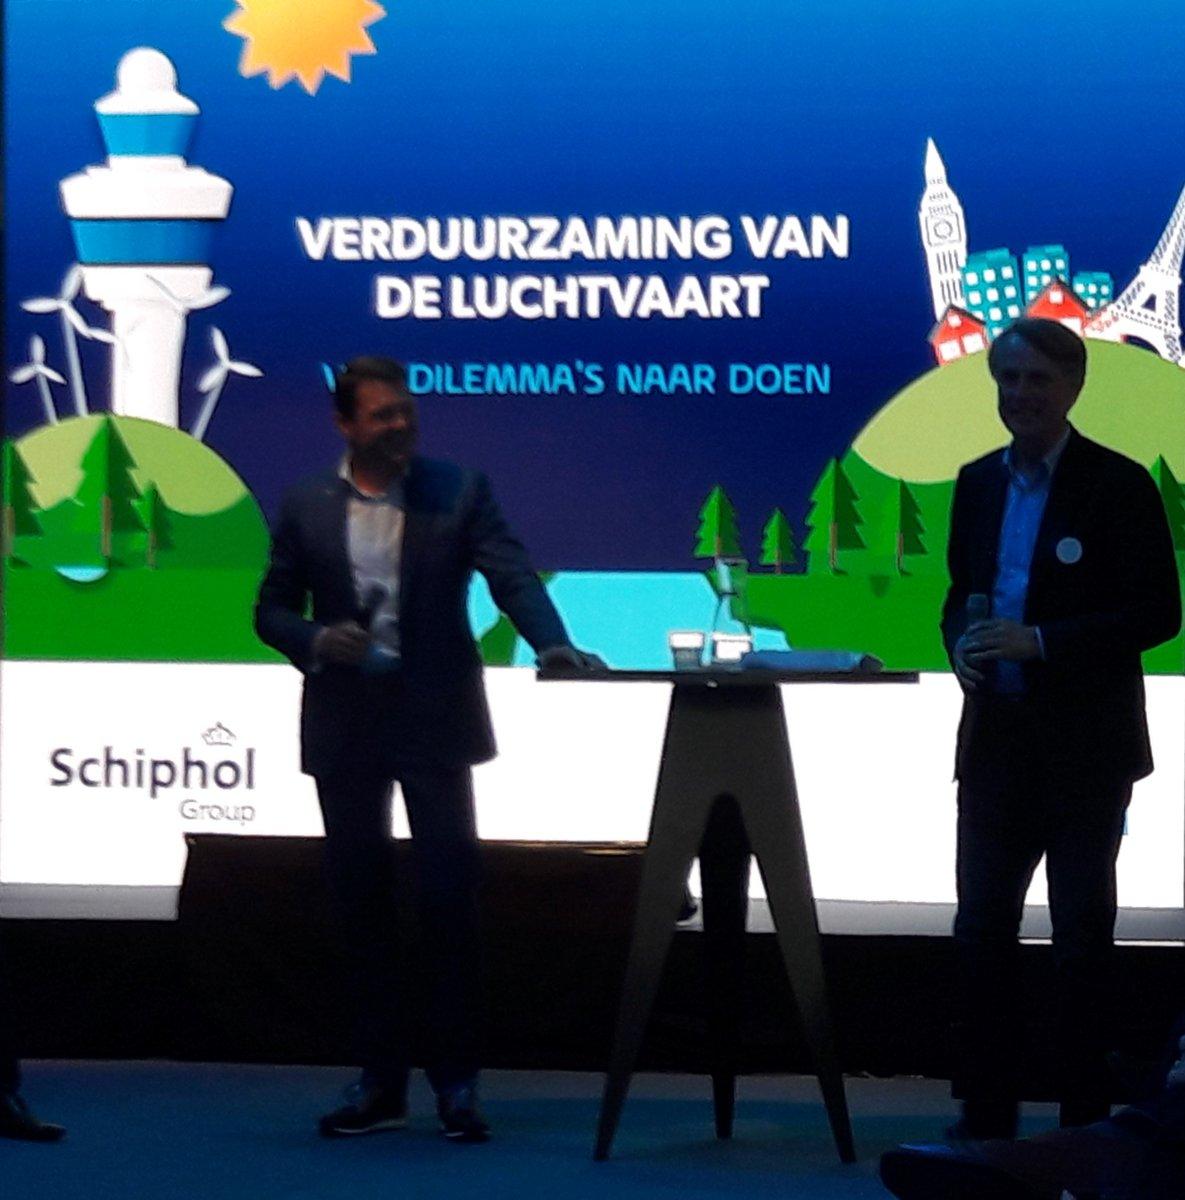 test Twitter Media - Vandaag goed en positief seminar 'Verduurzaming van de luchtvaart: van dilemma's naar doen'. Met CEO's van @KLM en @Schiphol. Maar de sleutel naar duurzame luchtvaart kwam niet ter sprake: synthetische kerosine uit wind en zon. @jpaternotte Zie https://t.co/I7wfqEieUA https://t.co/JgrwGYxMpz